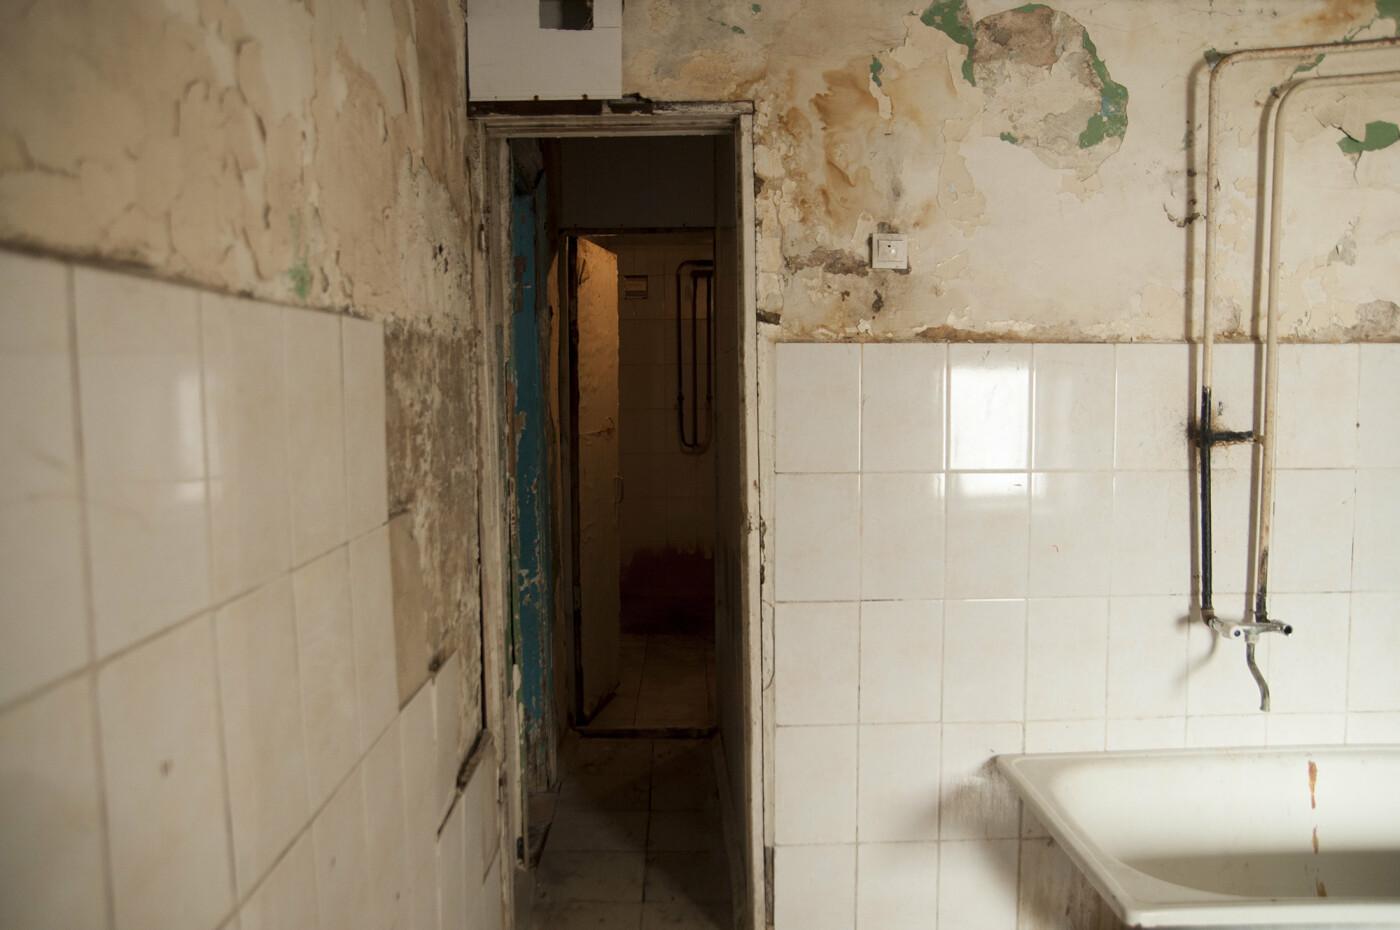 «Все, кто мог, отсюда съехали». Жильцы пятиэтажки в центре Белгорода пожаловались на ужасные условия проживания, фото-8